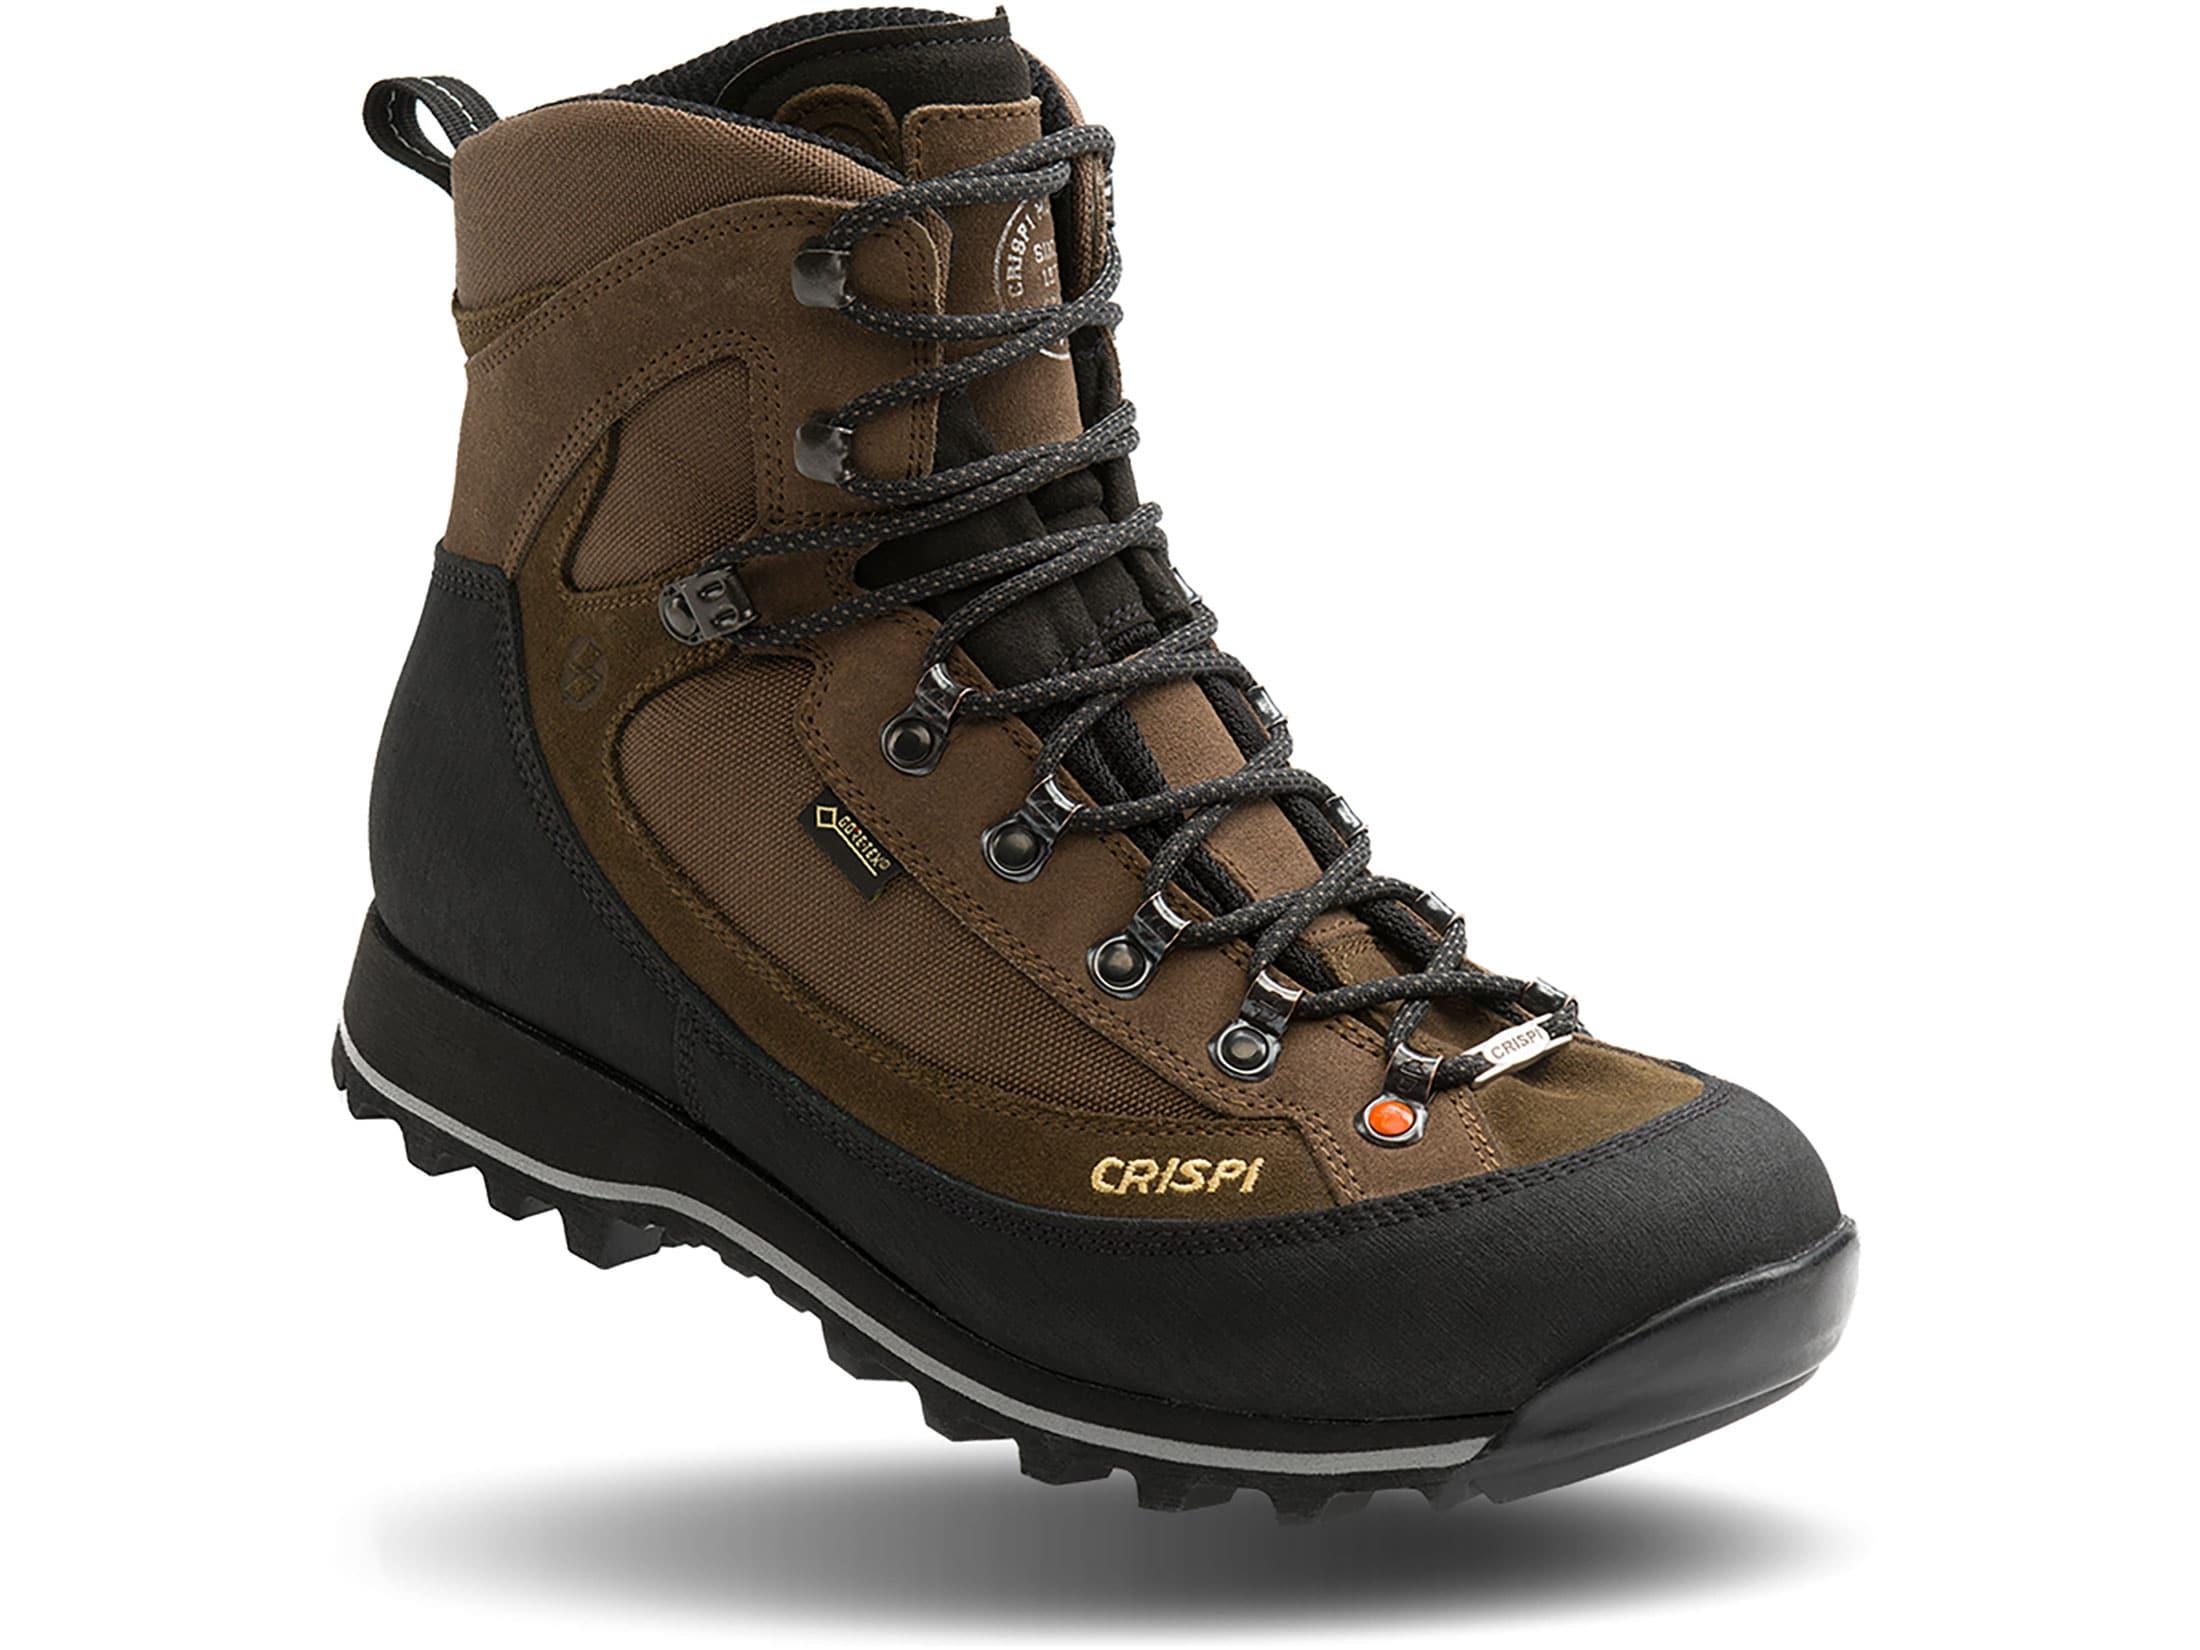 Crispi Summit GTX 8 GORE-TEX Hiking